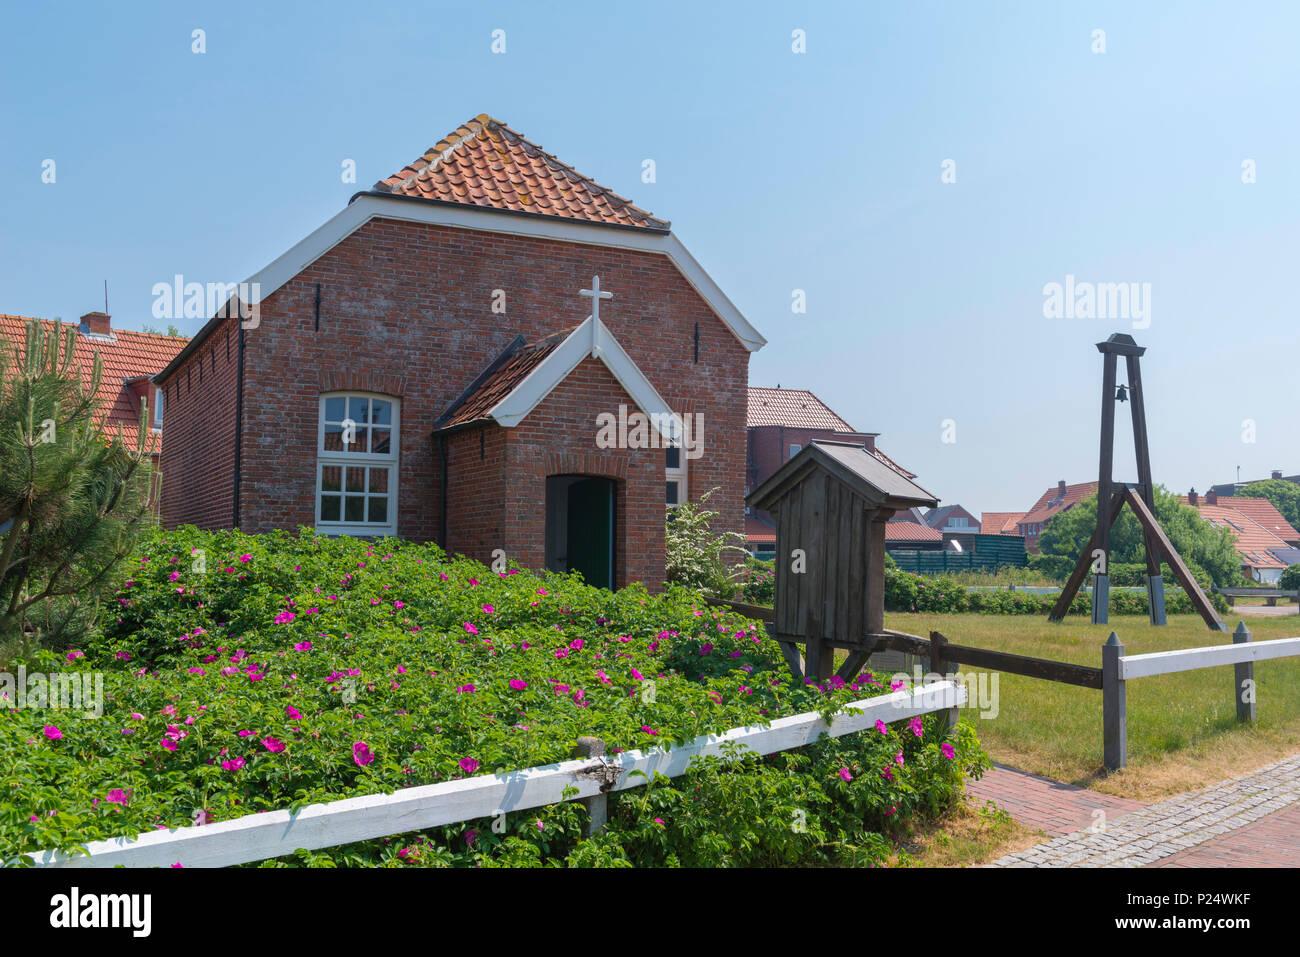 Die Kleine Inselkirche von 1826 steht unter Denkmalschutz, Baltrum, Ostriesland, Niedersachsen, Deutschland - Stock Image